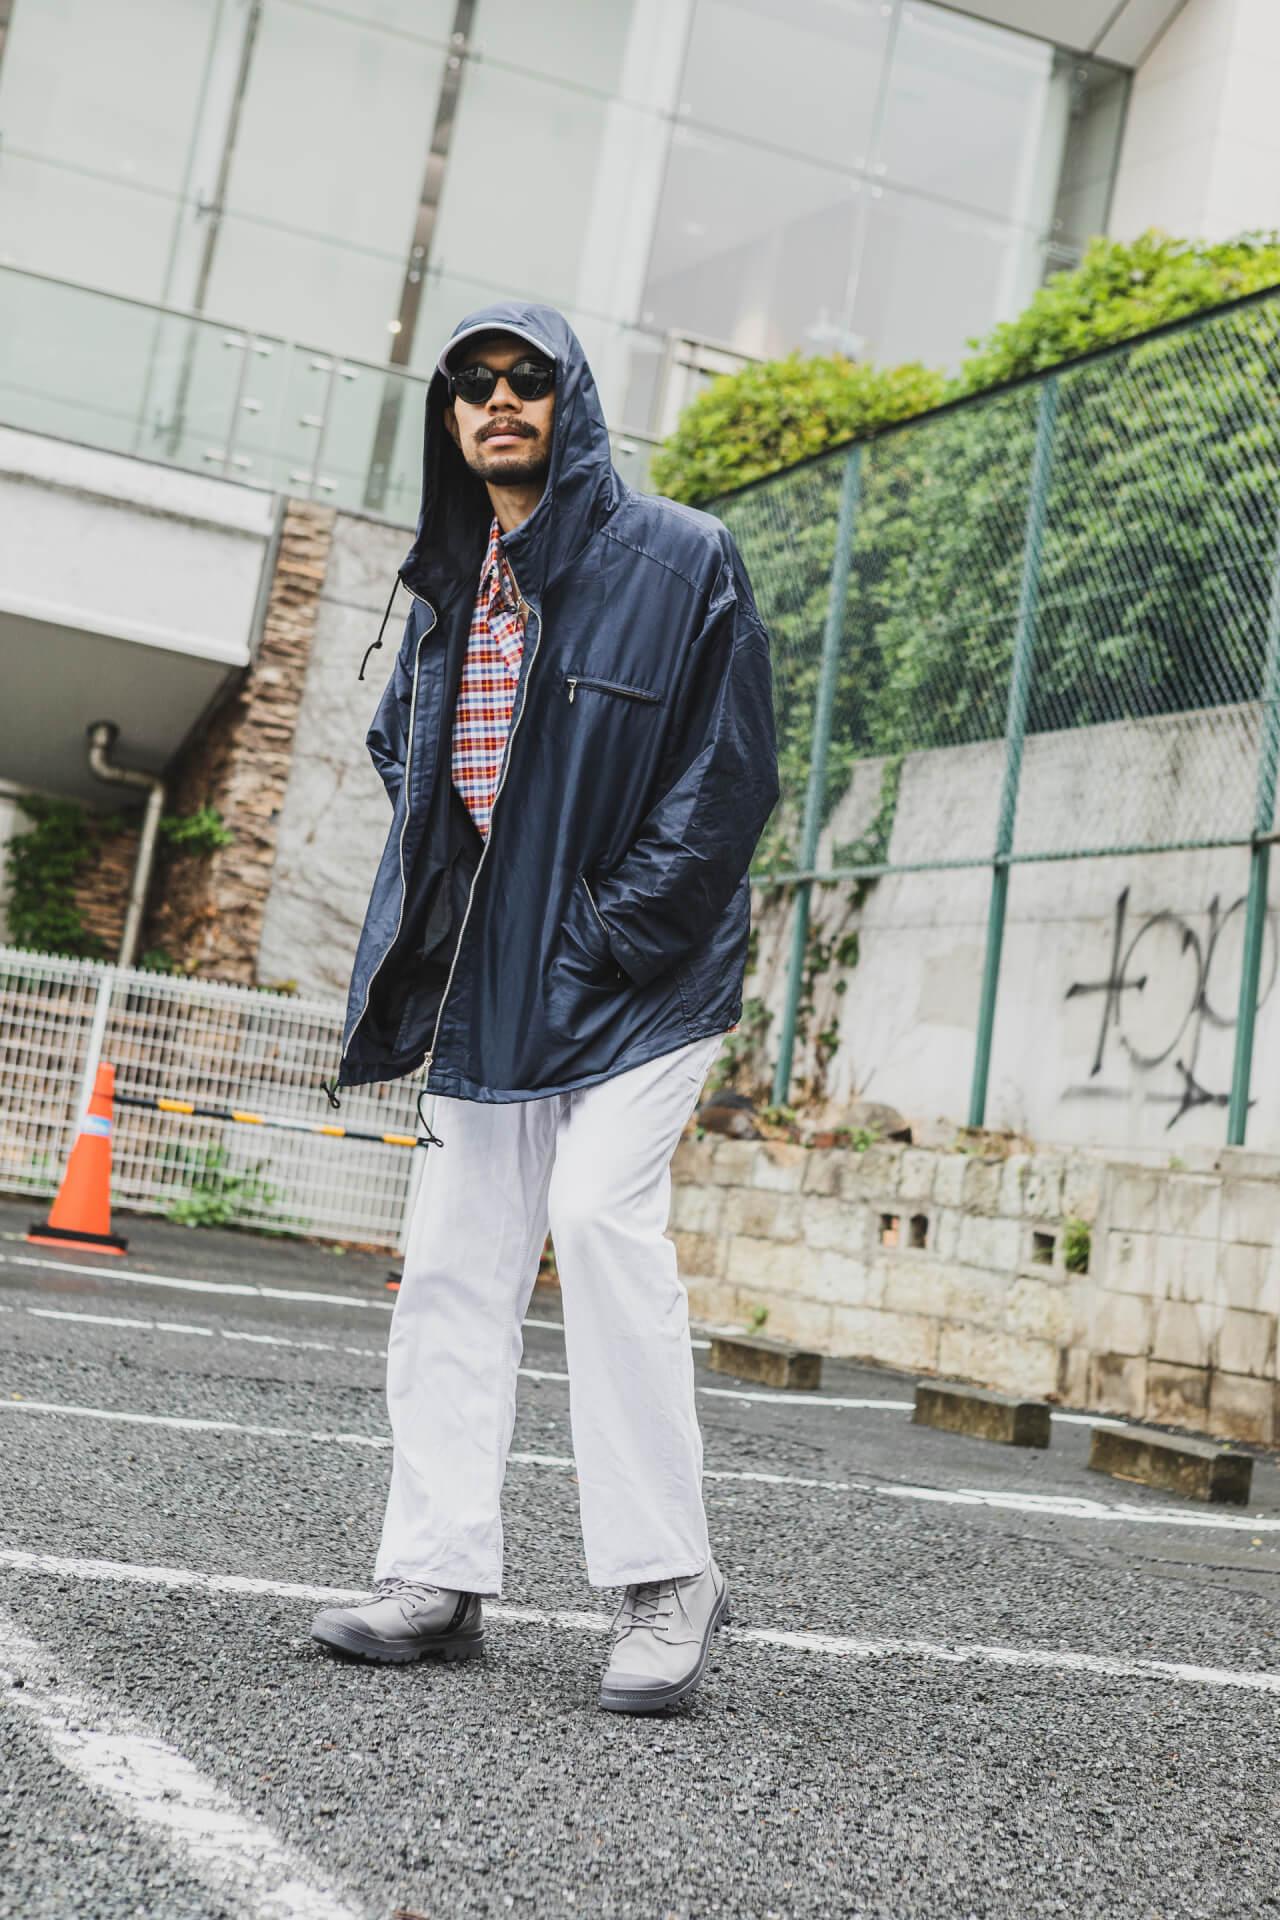 PALLADIUM × 7A&msd|スタイリスト、クリエイターが提案する梅雨を乗り切る雨の日コーデ fashion210526_palladium-016